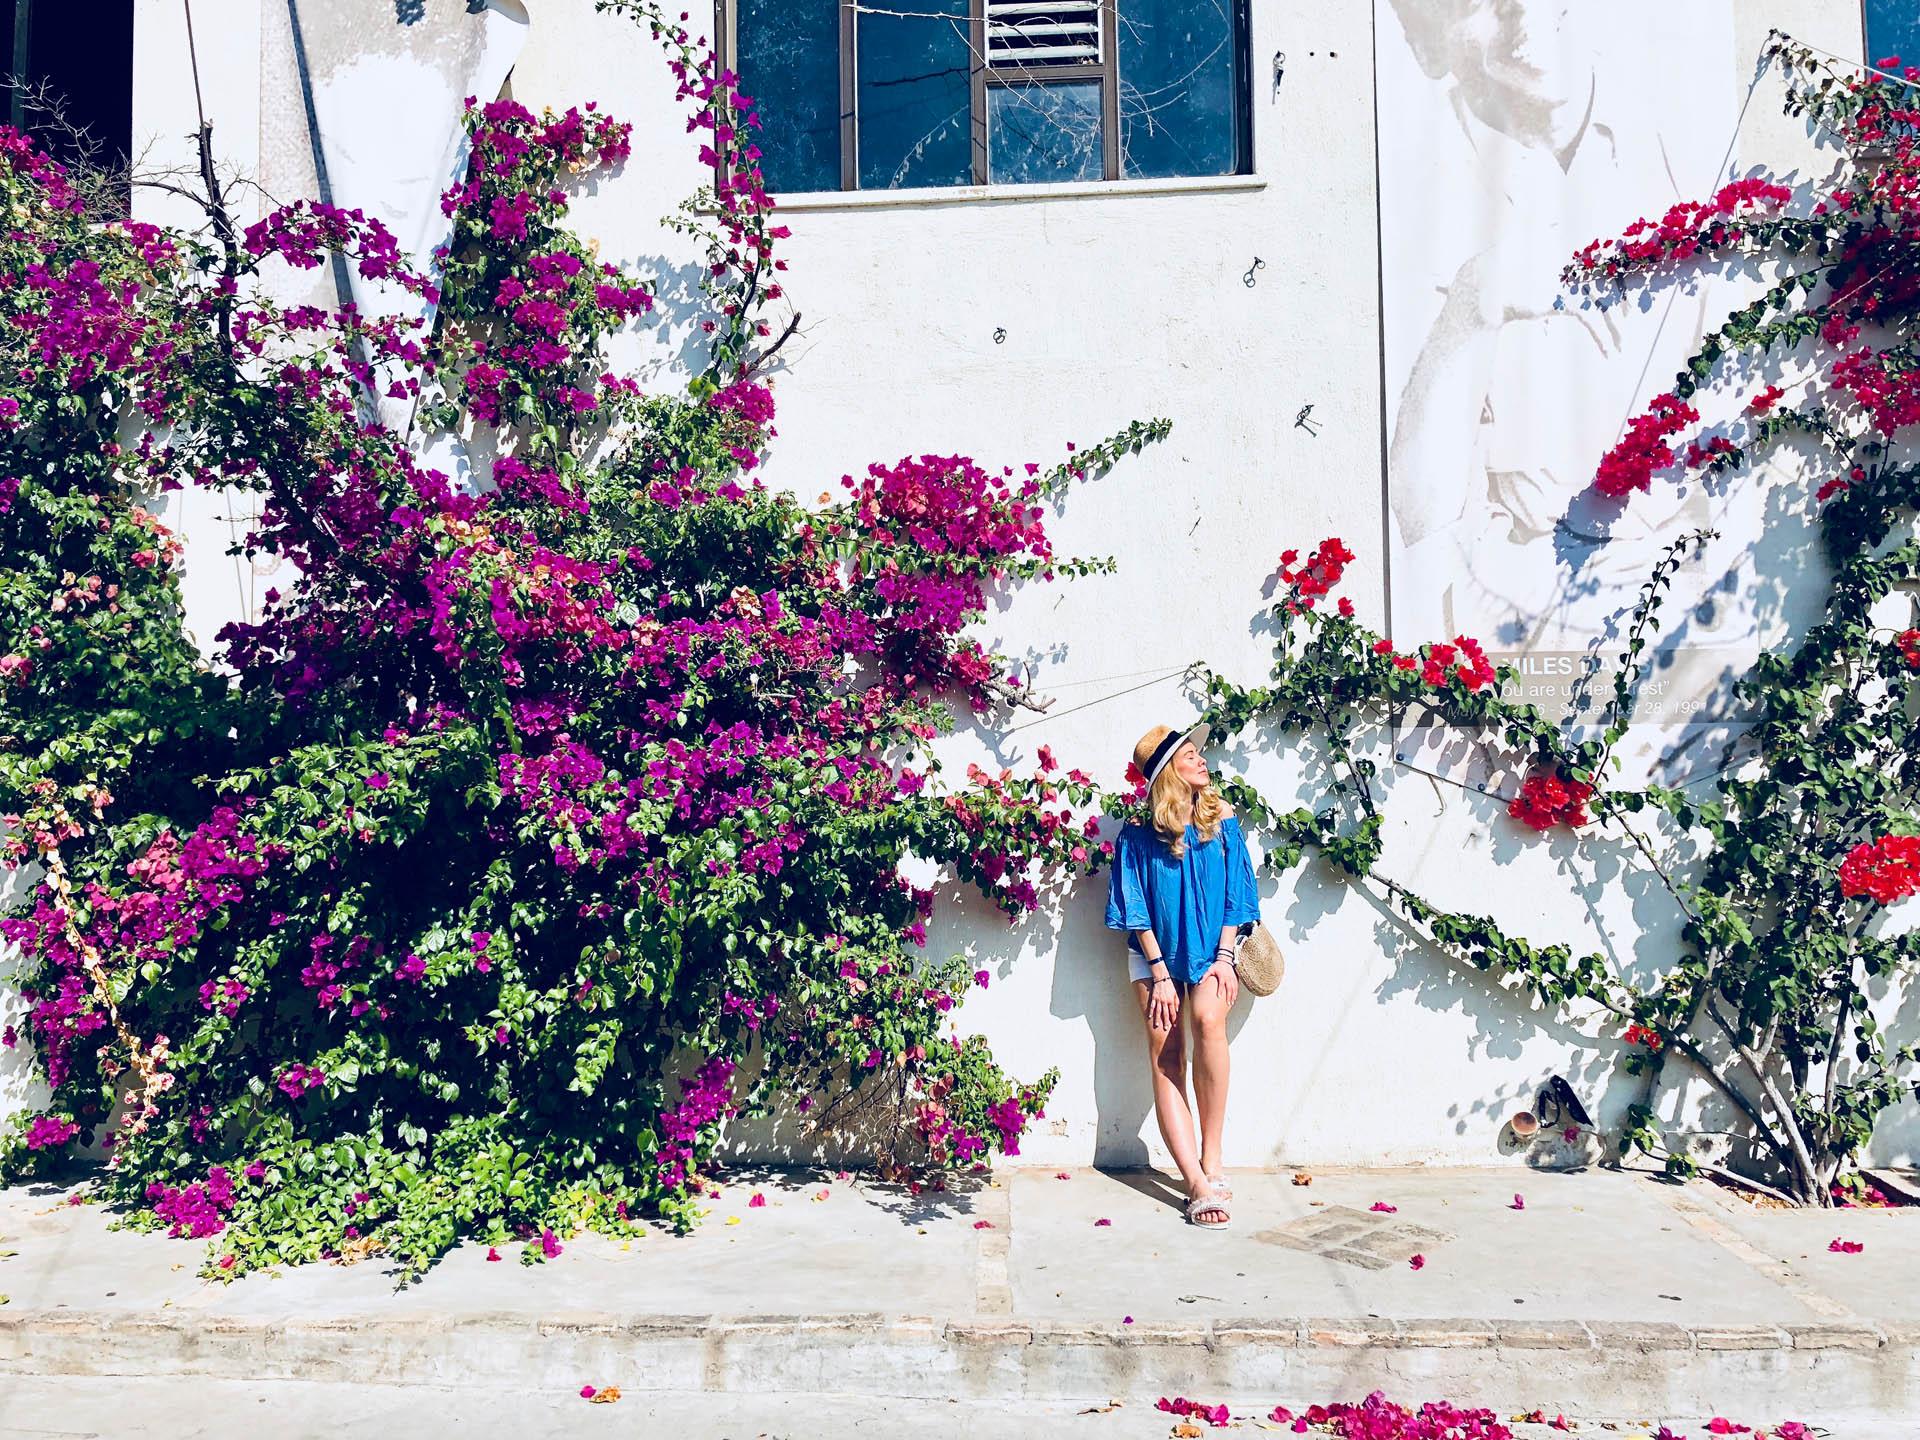 Dziewczyna wśród kwiatów bugenwilli